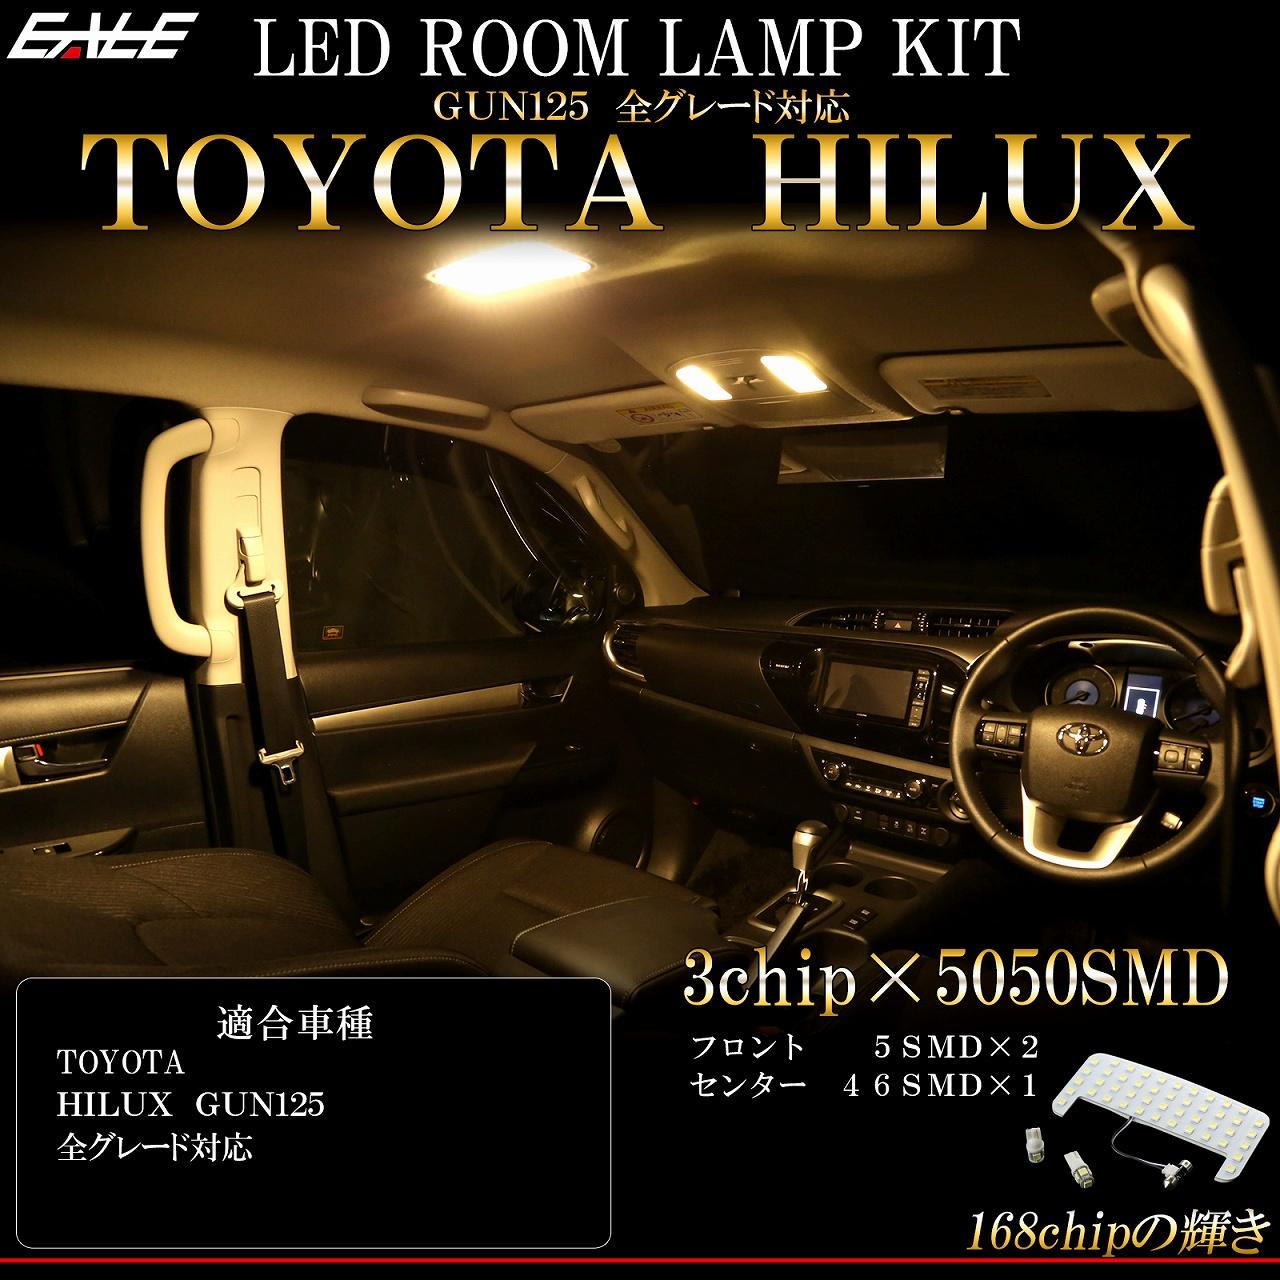 【ネコポス可】 トヨタハイラックス GUN125 ピックアップ 専用設計 LED ルームランプ 3000K 電球色 ウォームホワイト 高輝度3chip×5050SMD R-438